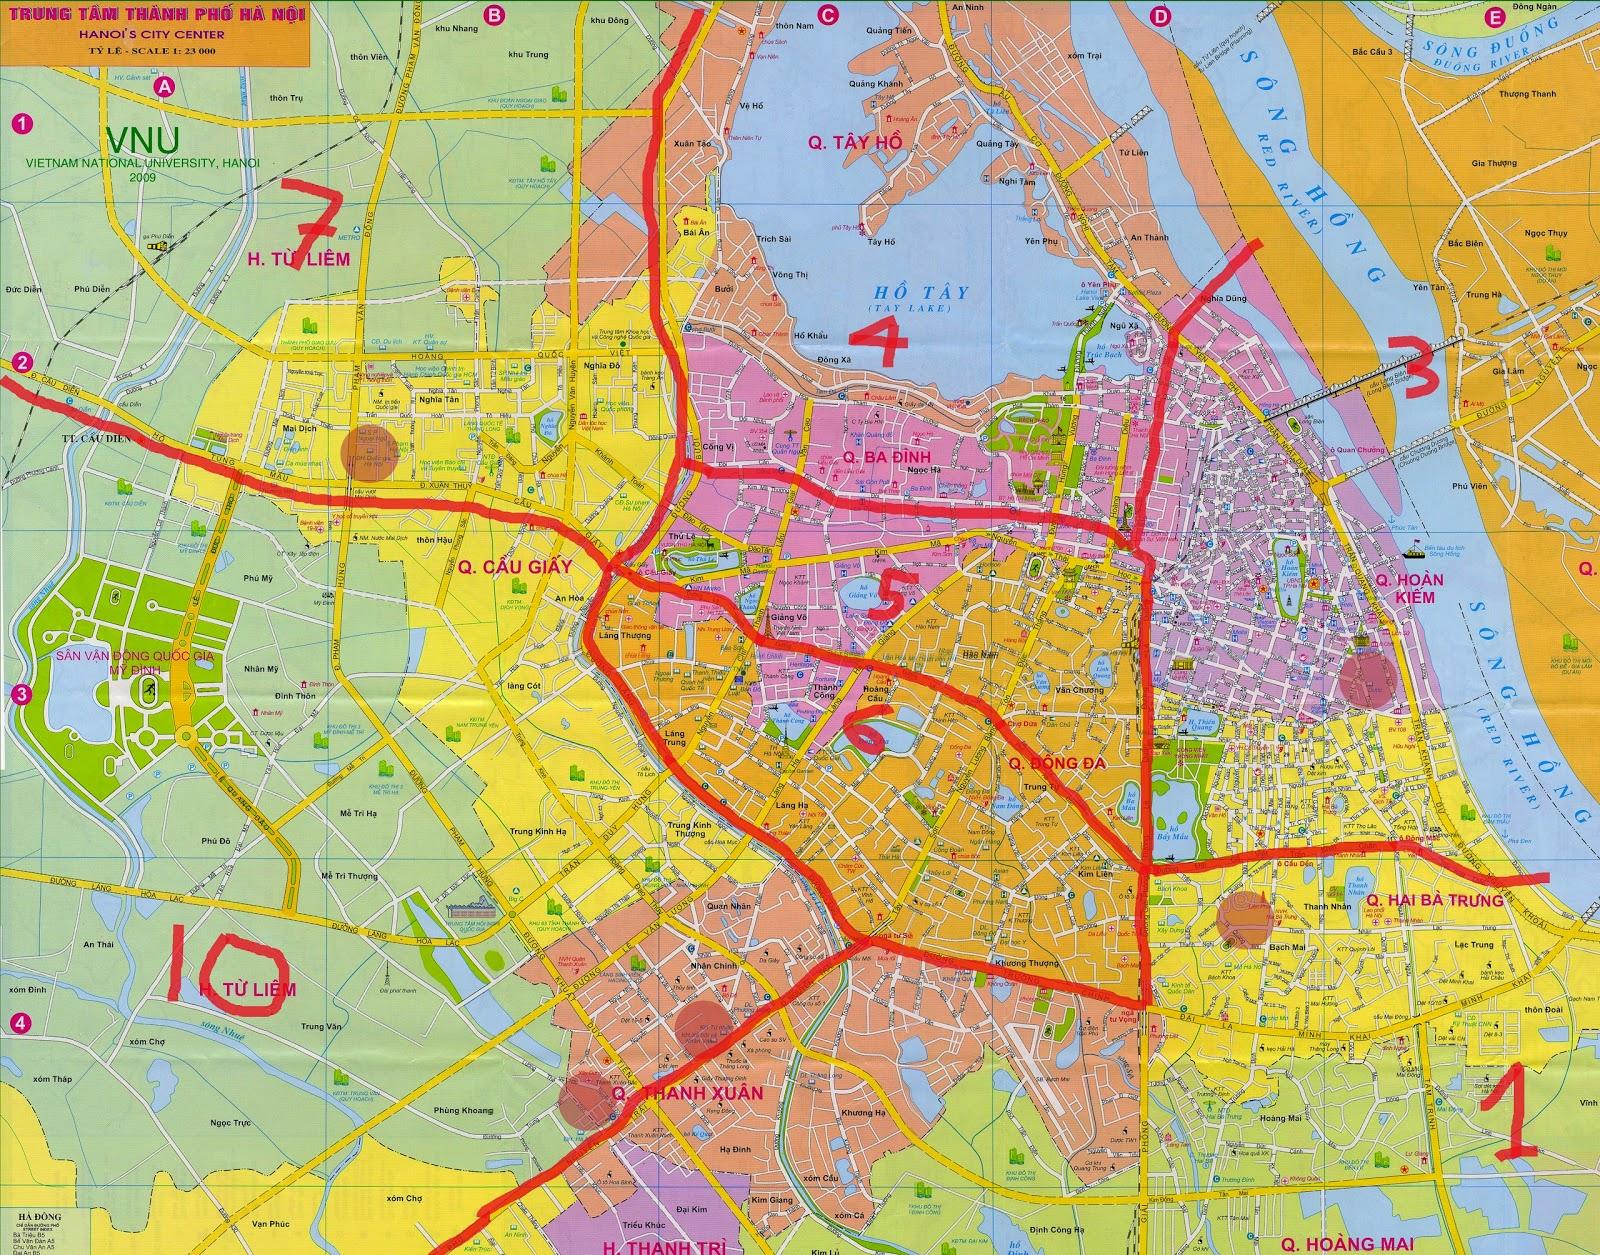 Bản đồ giao thông Hà Nội khổ lớn 2